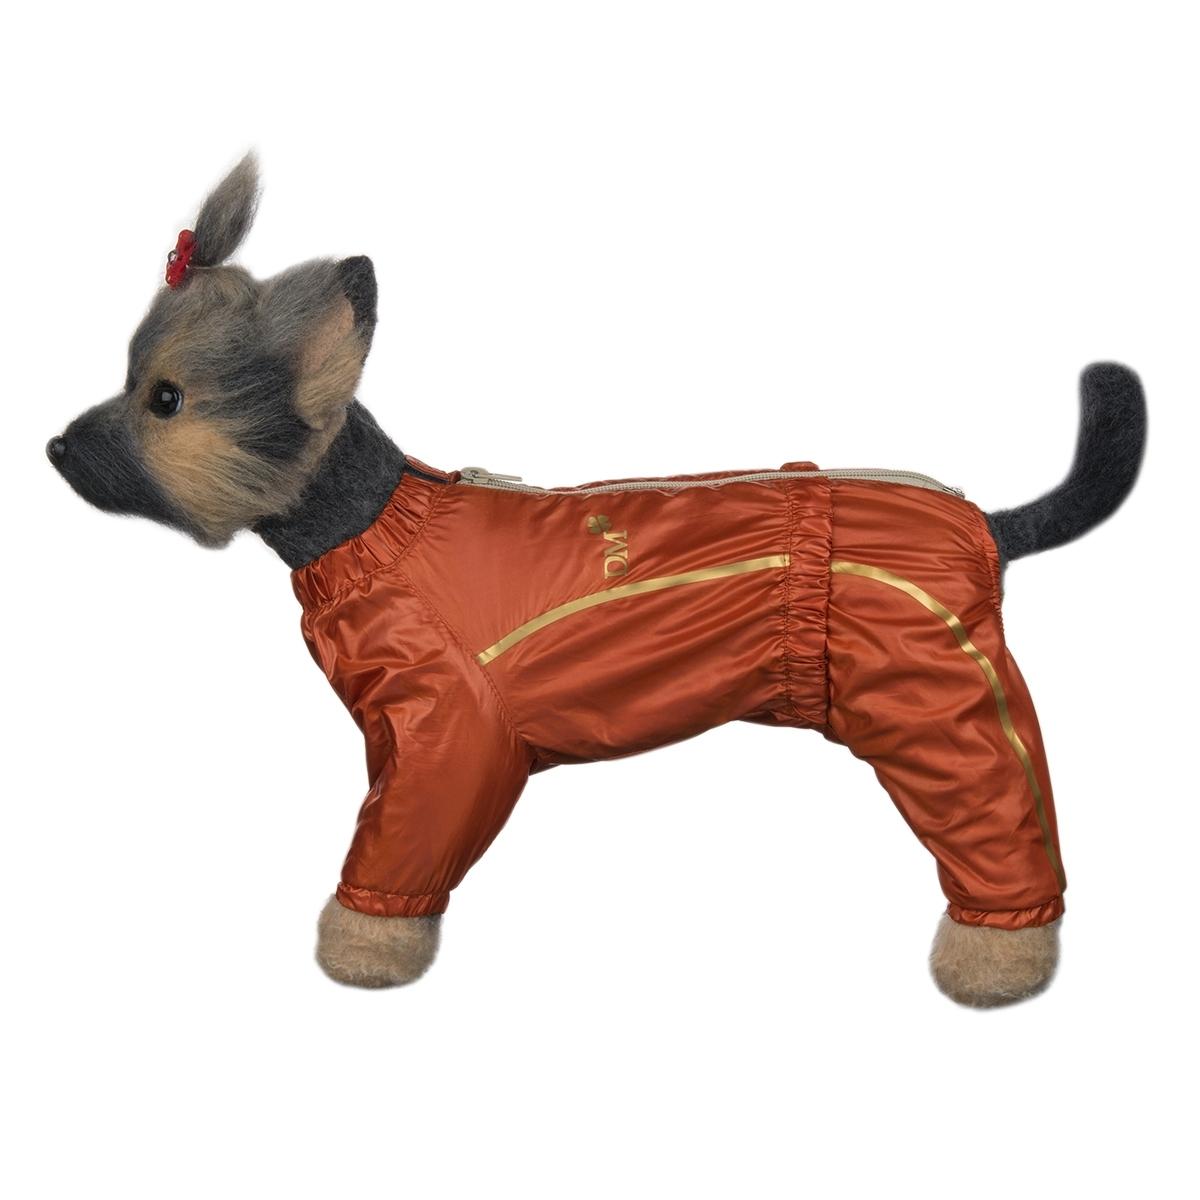 Комбинезон для собак Dogmoda Альпы, для девочки, цвет: оранжевый. Размер 4 (XL). DM-160102DM-160102-4_оранжКомбинезон для собак Dogmoda Альпы отлично подойдет для прогулок поздней осенью или ранней весной. Комбинезон изготовлен из полиэстера, защищающего от ветра и осадков, с подкладкой из вискозы и полиэстера, которая сохранит тепло и обеспечит отличный воздухообмен. Комбинезон застегивается на молнию и липучку, благодаря чему его легко надевать и снимать. Ворот, низ рукавов и брючин оснащены внутренними резинками, которые мягко обхватывают шею и лапки, не позволяя просачиваться холодному воздуху. На пояснице имеется внутренняя резинка. Изделие декорировано золотистыми полосками и надписью DM.Благодаря такому комбинезону простуда не грозит вашему питомцу и он не даст любимцу продрогнуть на прогулке.Длина по спинке: 32 см.Объем груди: 52 см.Обхват шеи: 33 см.Одежда для собак: нужна ли она и как её выбрать. Статья OZON Гид